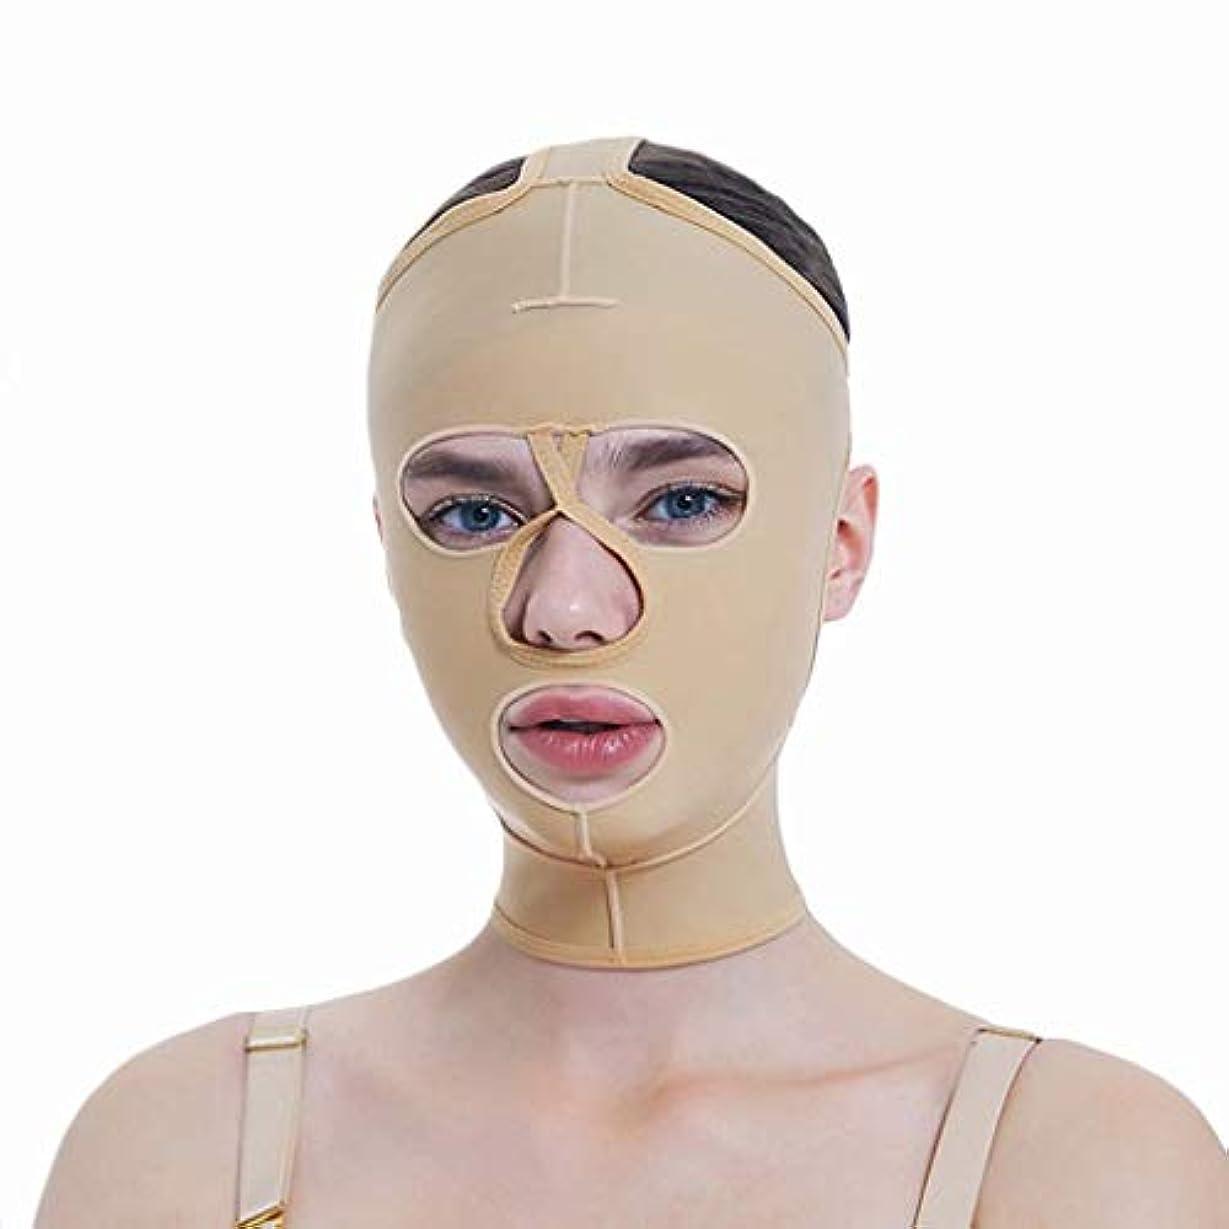 探検第千フェイシャル減量マスク、フルカバレッジ包帯、フルフェイスリフティングマスク、フェイスマスク、快適で リフティングシェーピング(サイズ:S),XS